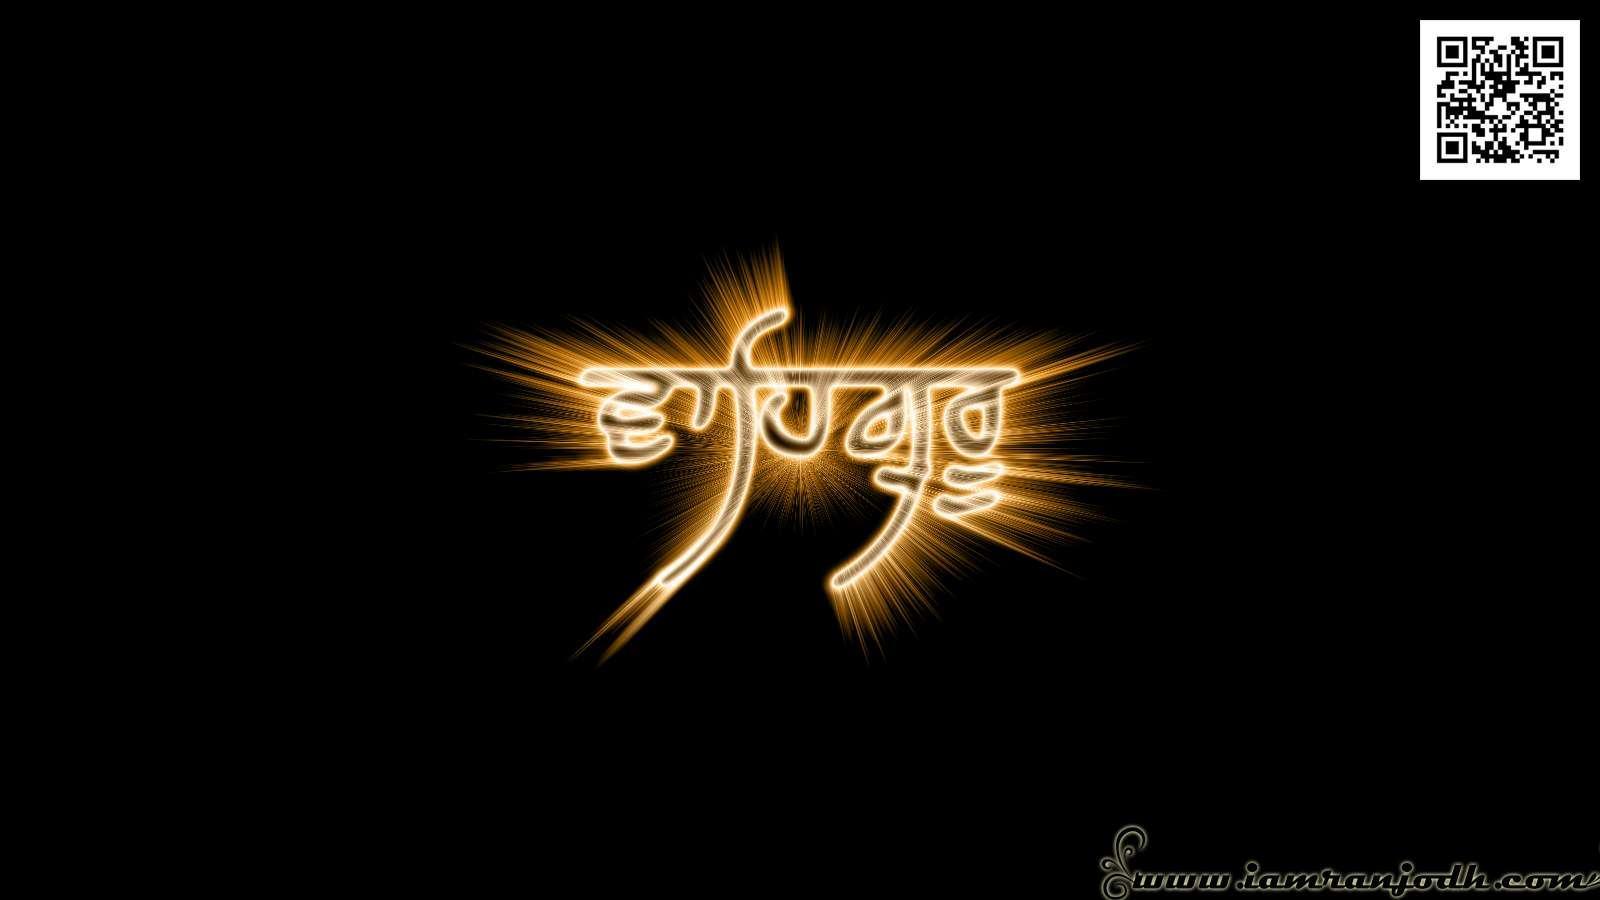 Wahe Guru Wallpaper - WallpaperSafari